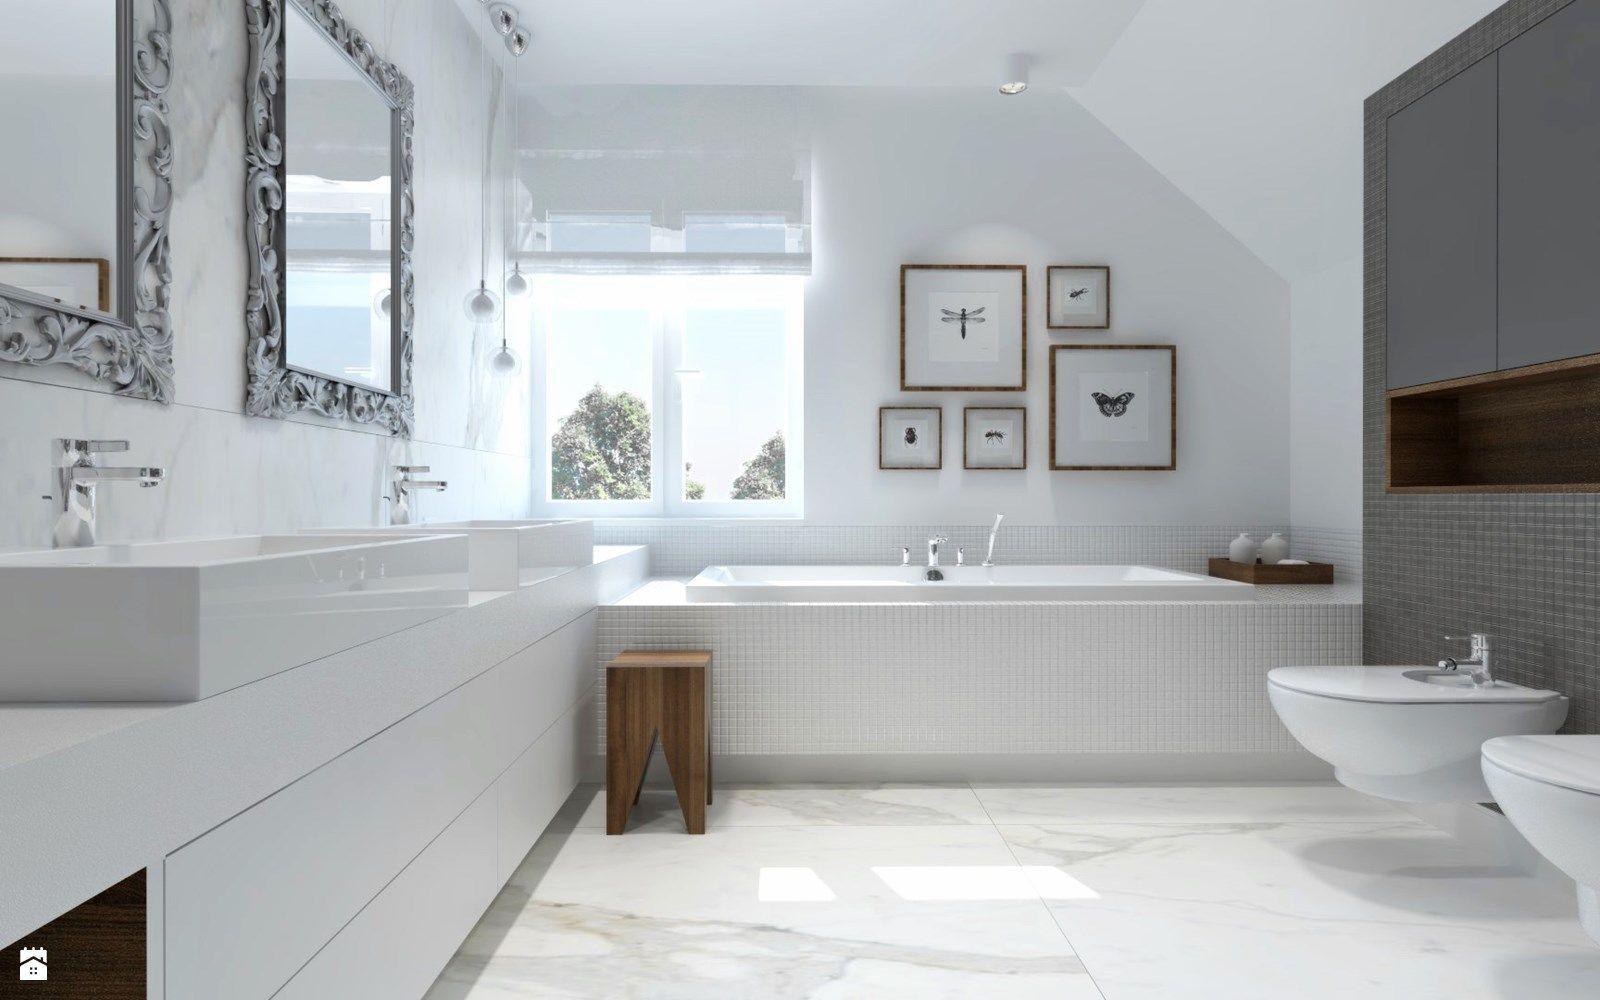 Zdjęcie łazienka Styl Eklektyczny łazienka Styl